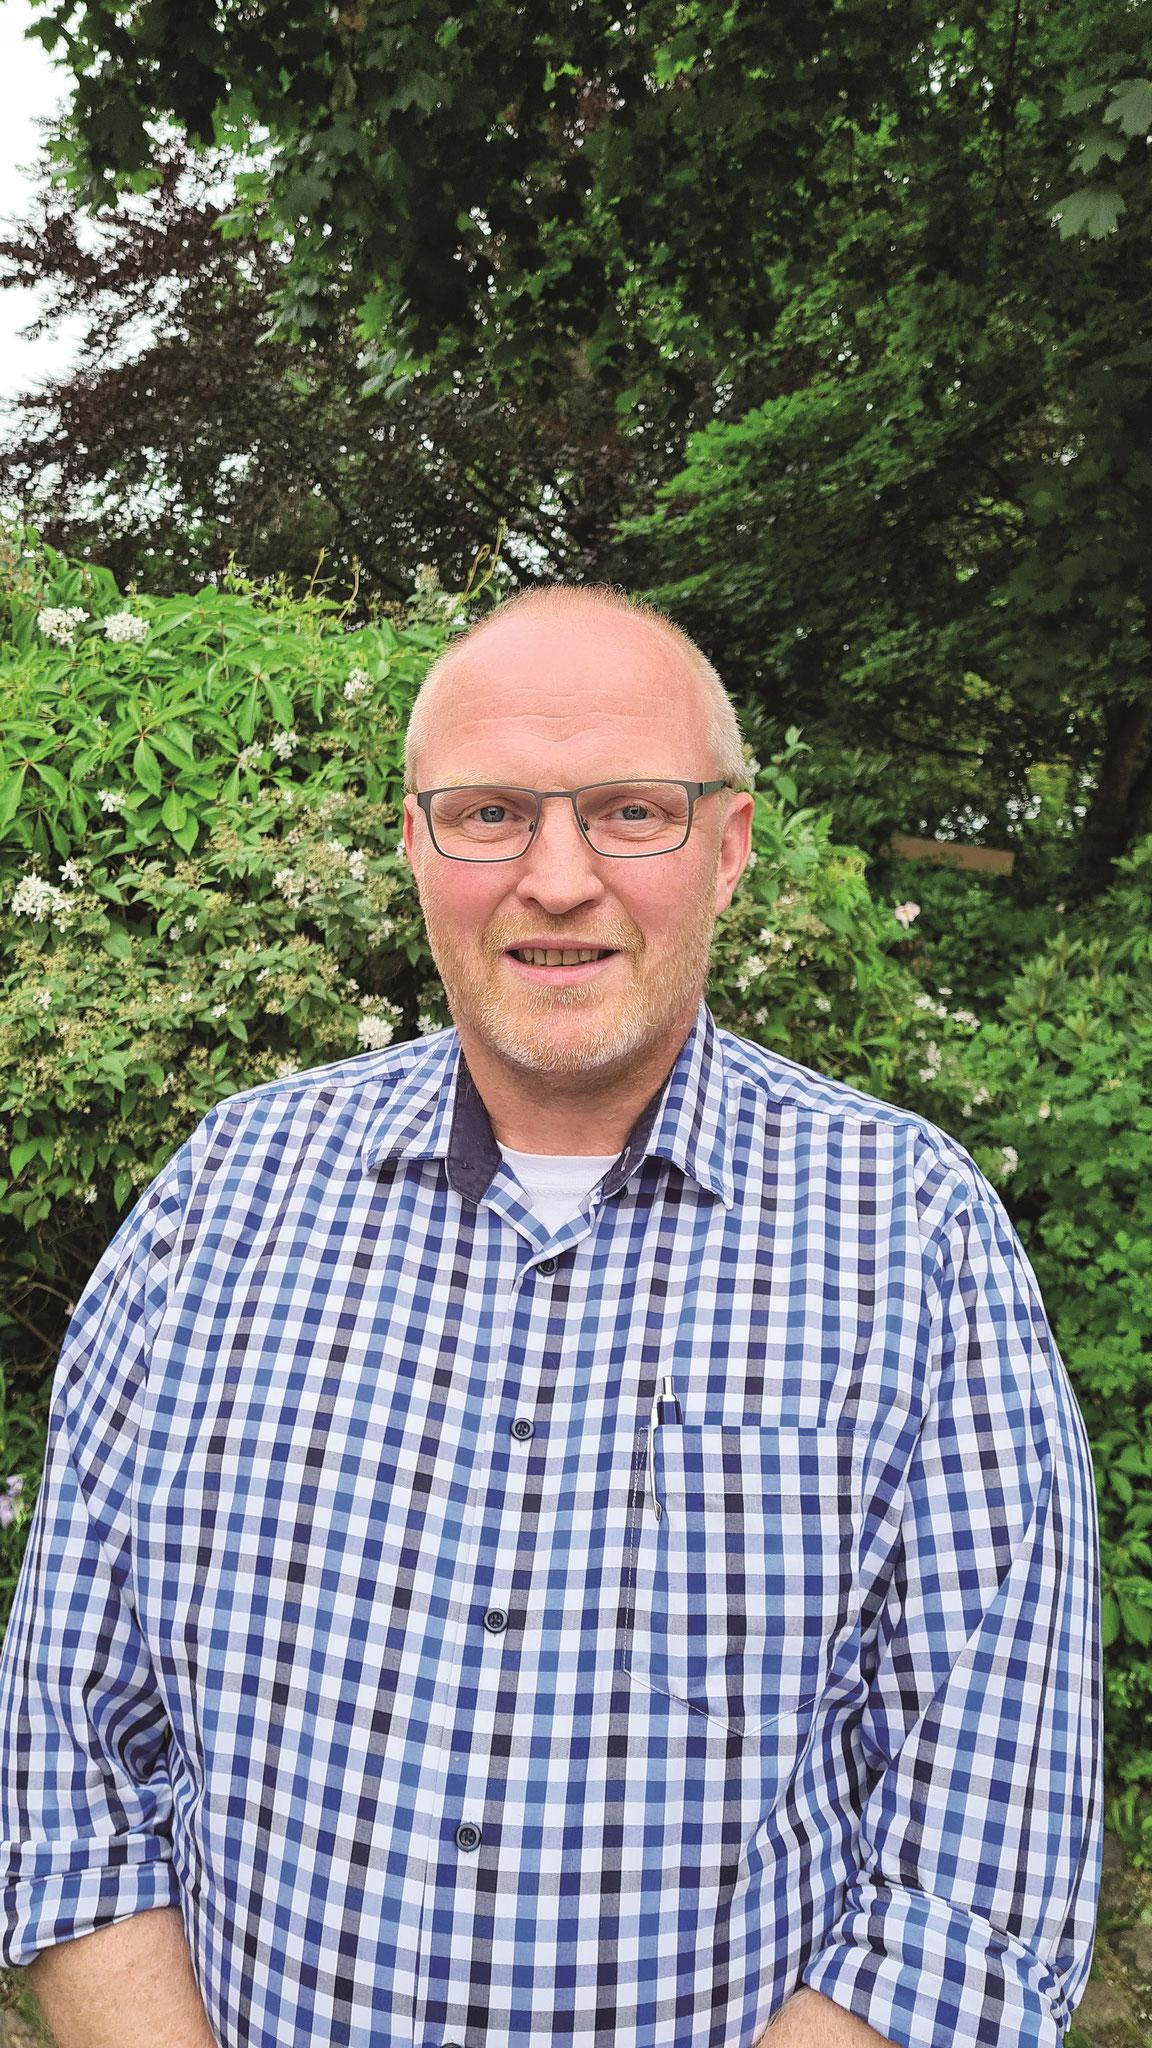 Wolfgang Witte (Ollsen)